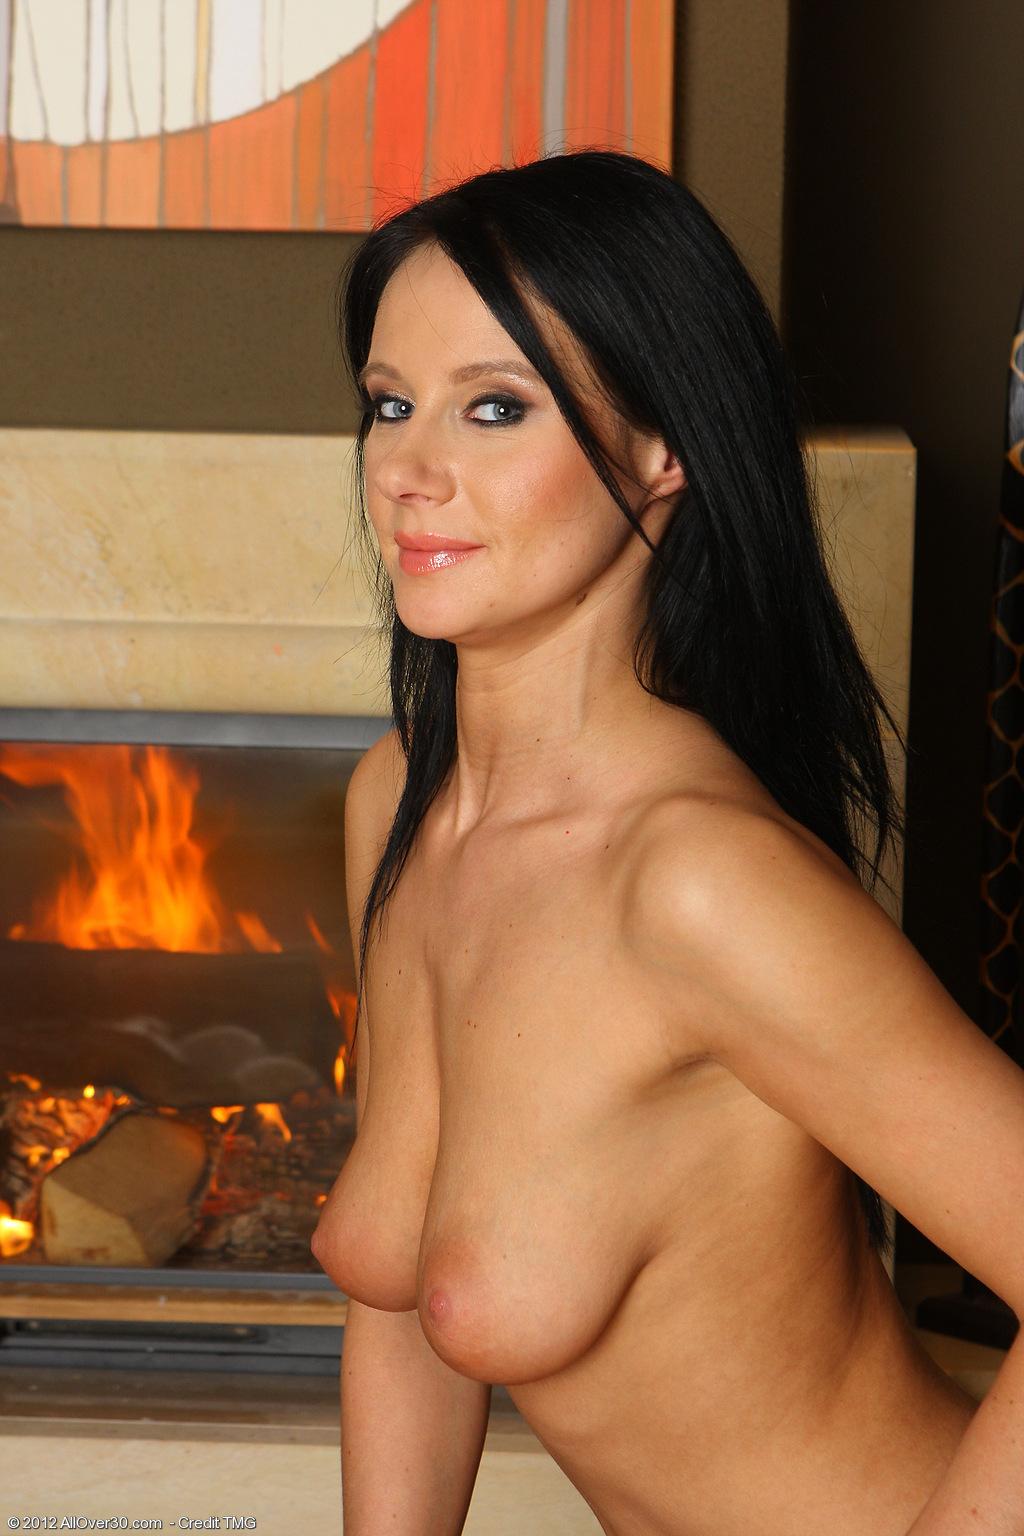 raven-haired-brunette-babe-jana-krabcova-wearing-white-lingerie-9.jpg